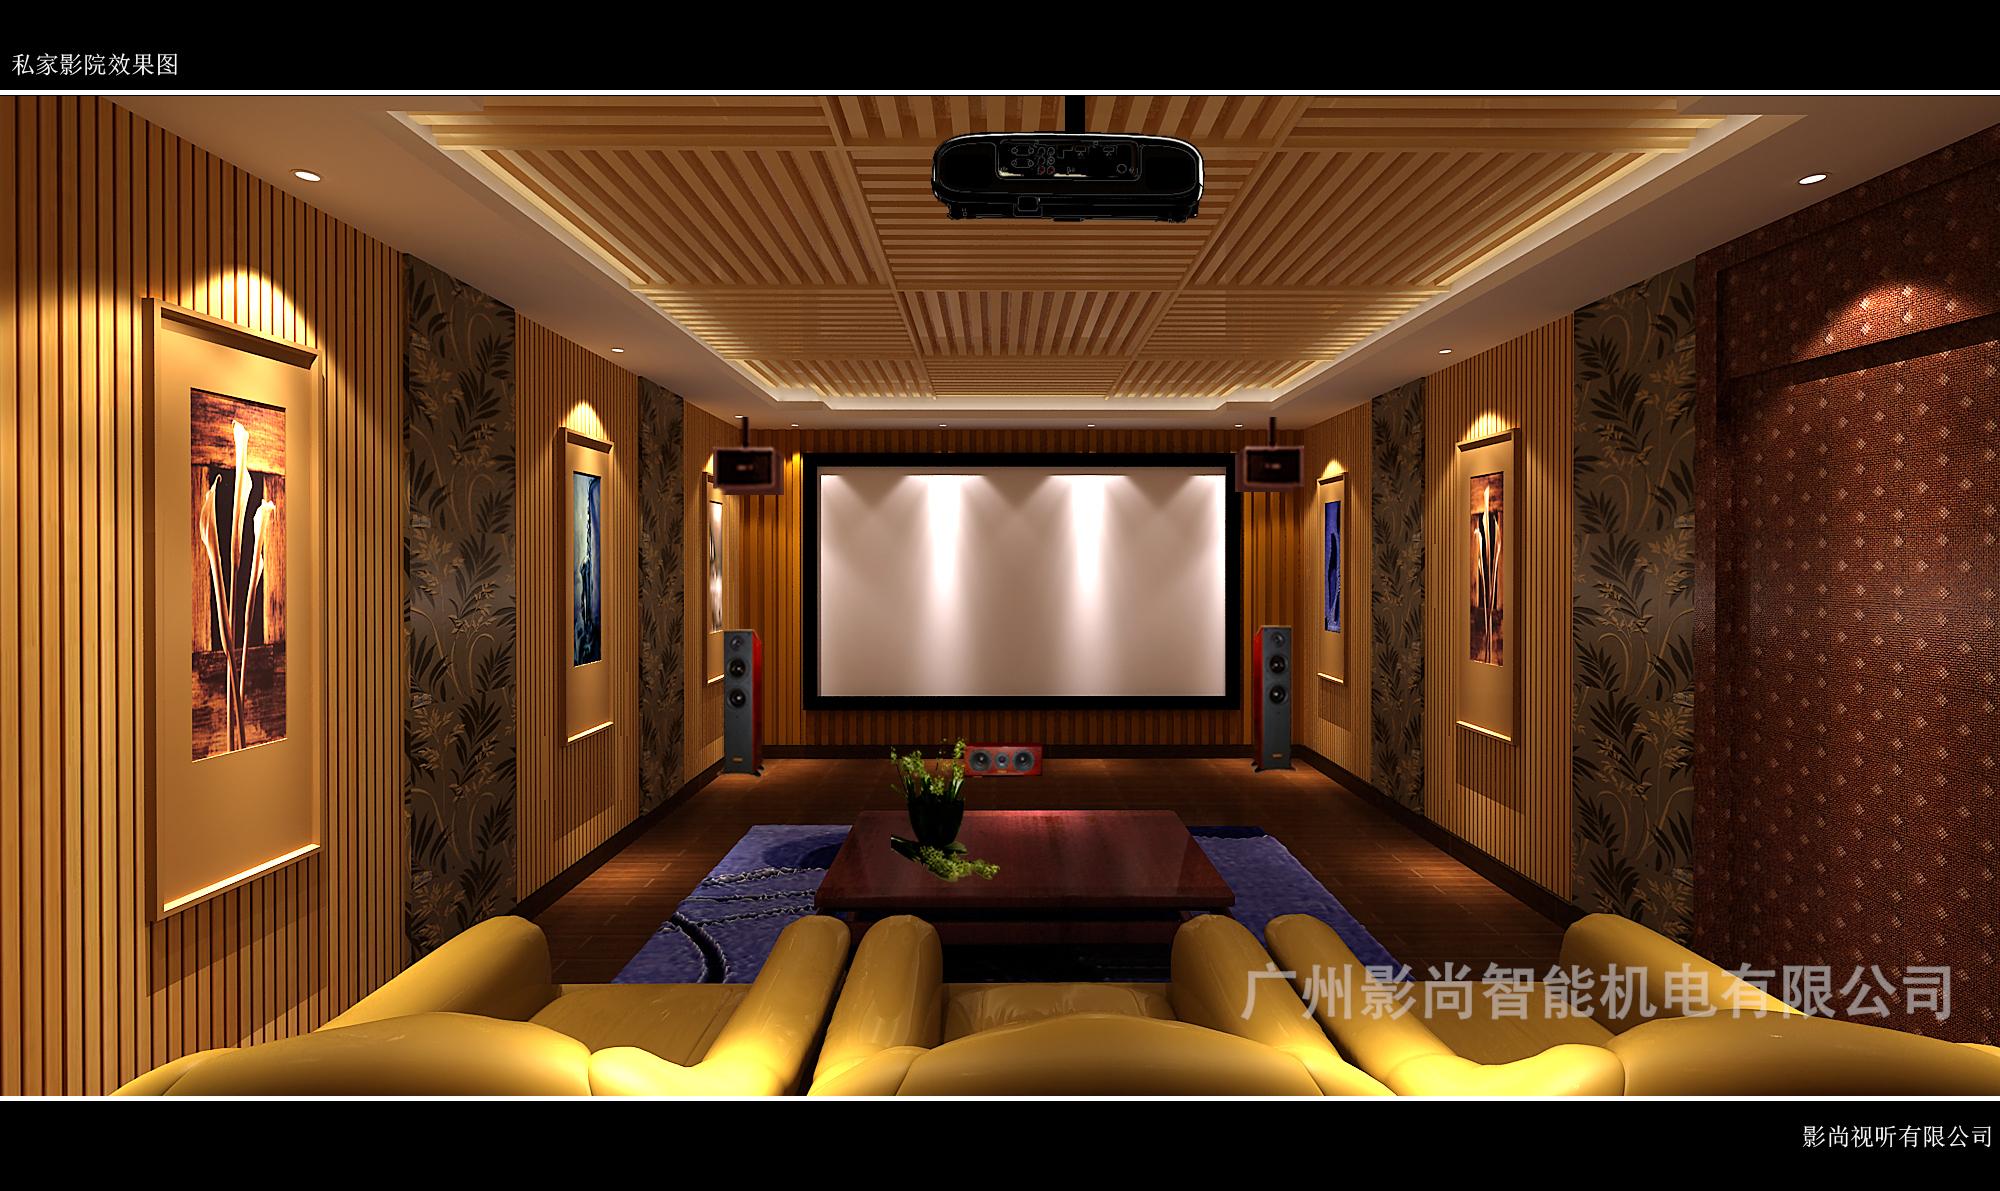 家庭影院娱乐室